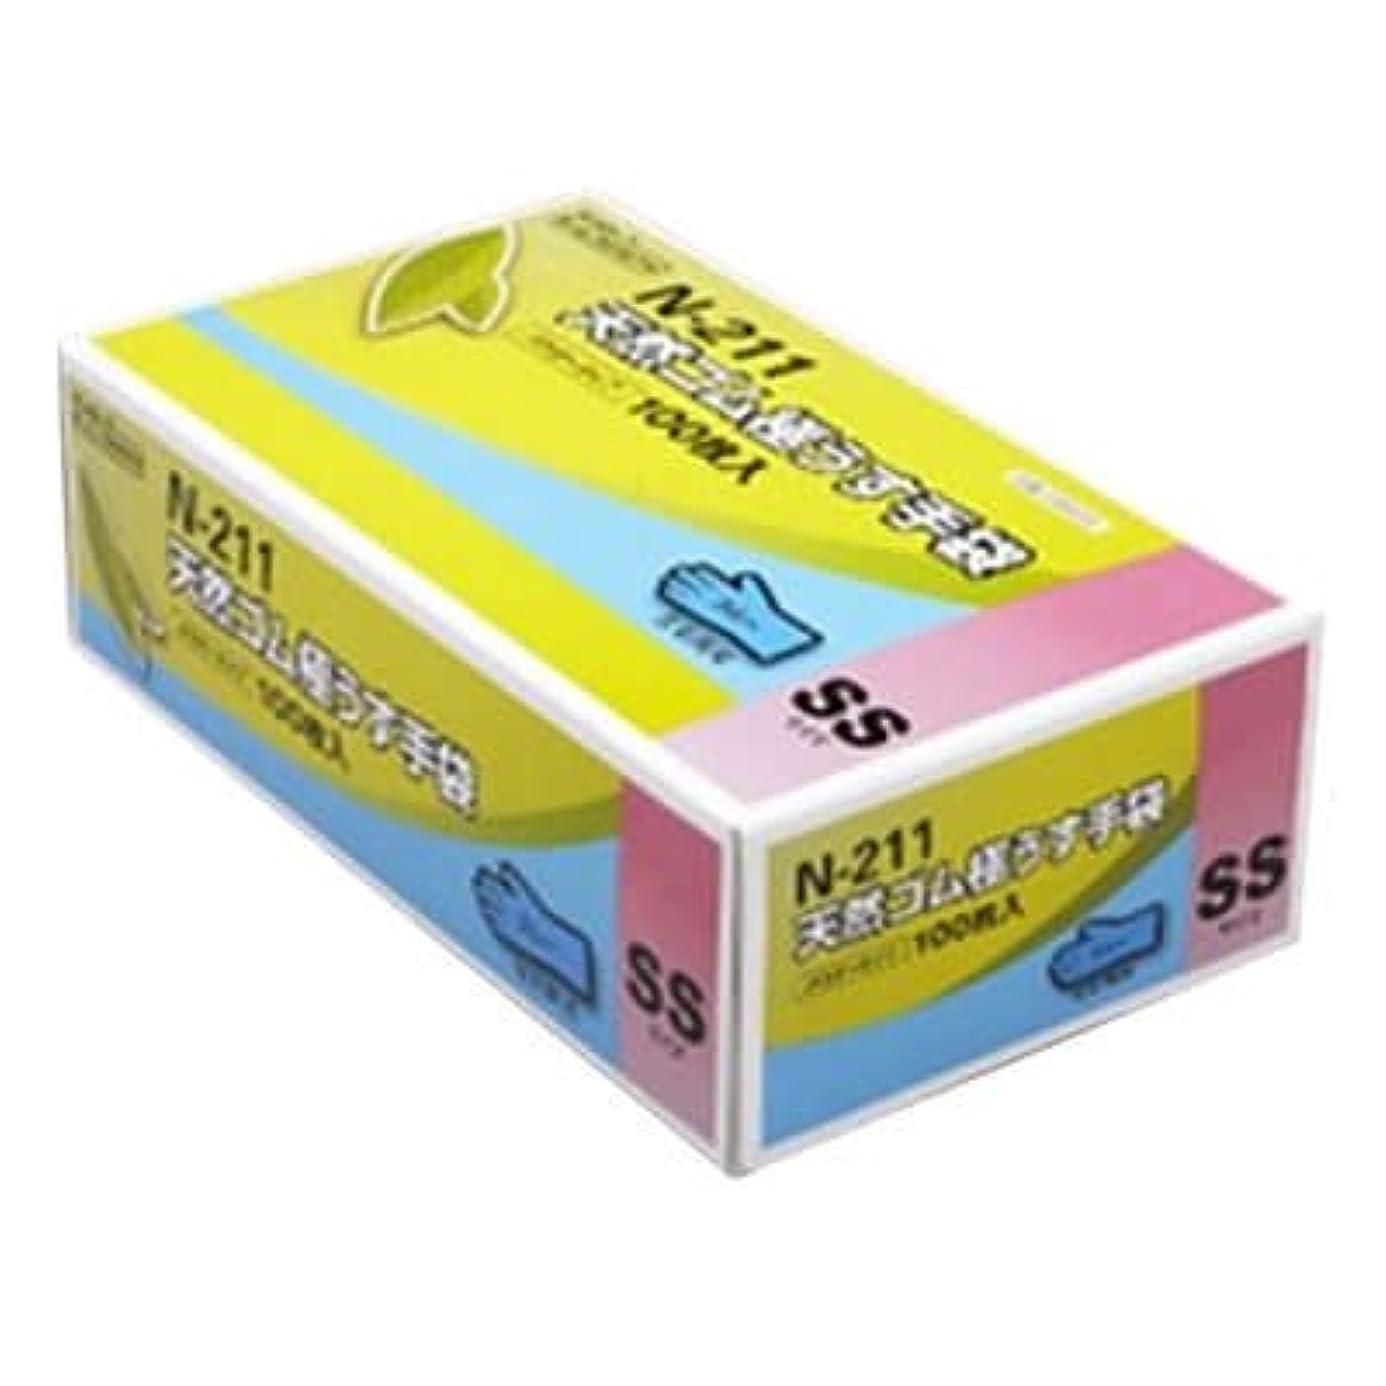 新鮮な成長秘密の【ケース販売】 ダンロップ 天然ゴム極うす手袋 N-211 SS ブルー (100枚入×20箱)